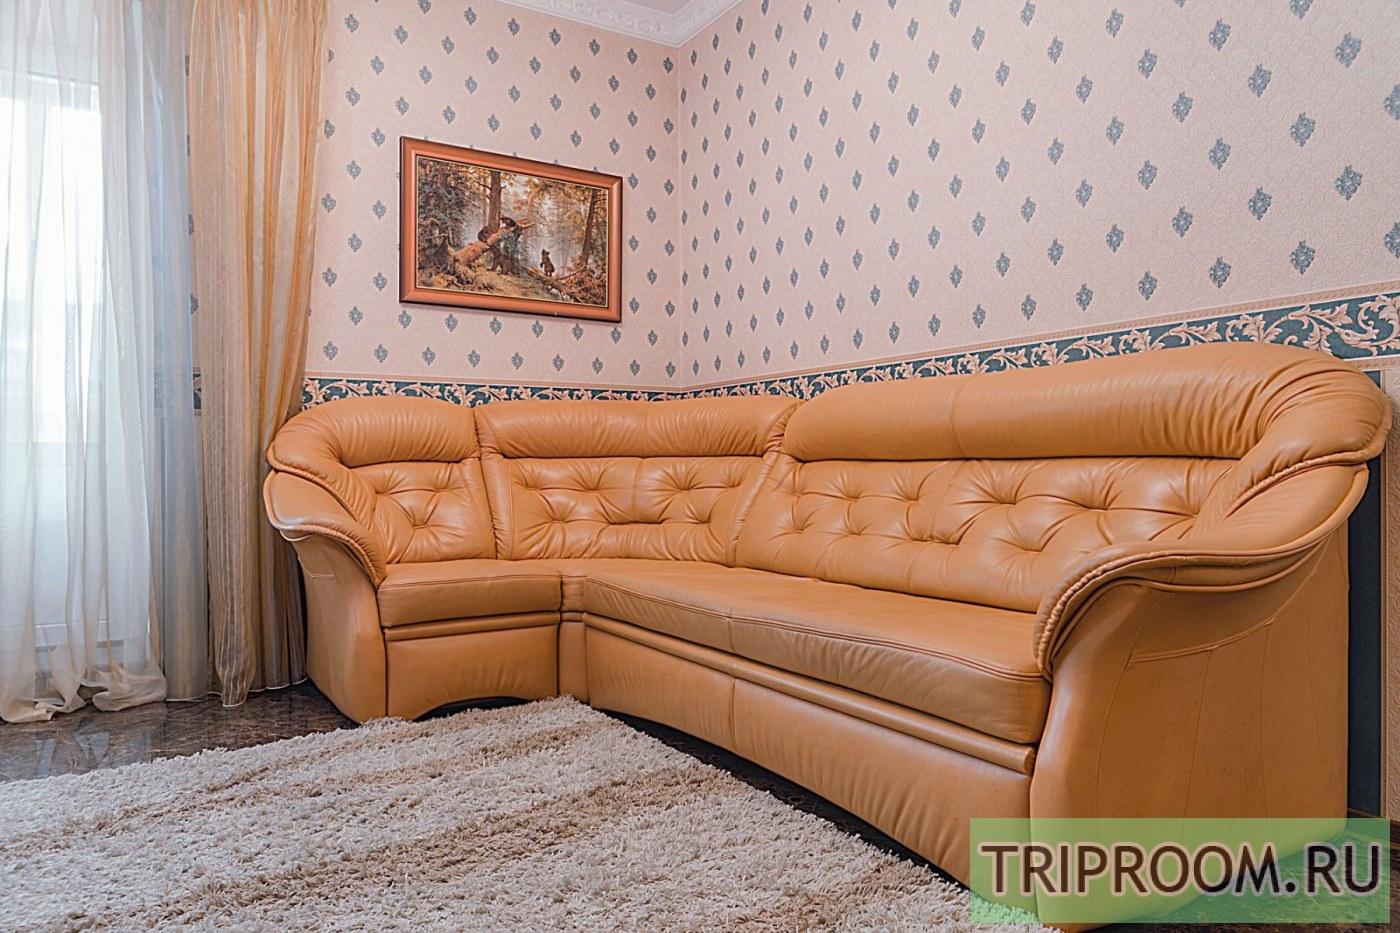 2-комнатная квартира посуточно (вариант № 39986), ул. Взлётная улица, фото № 4